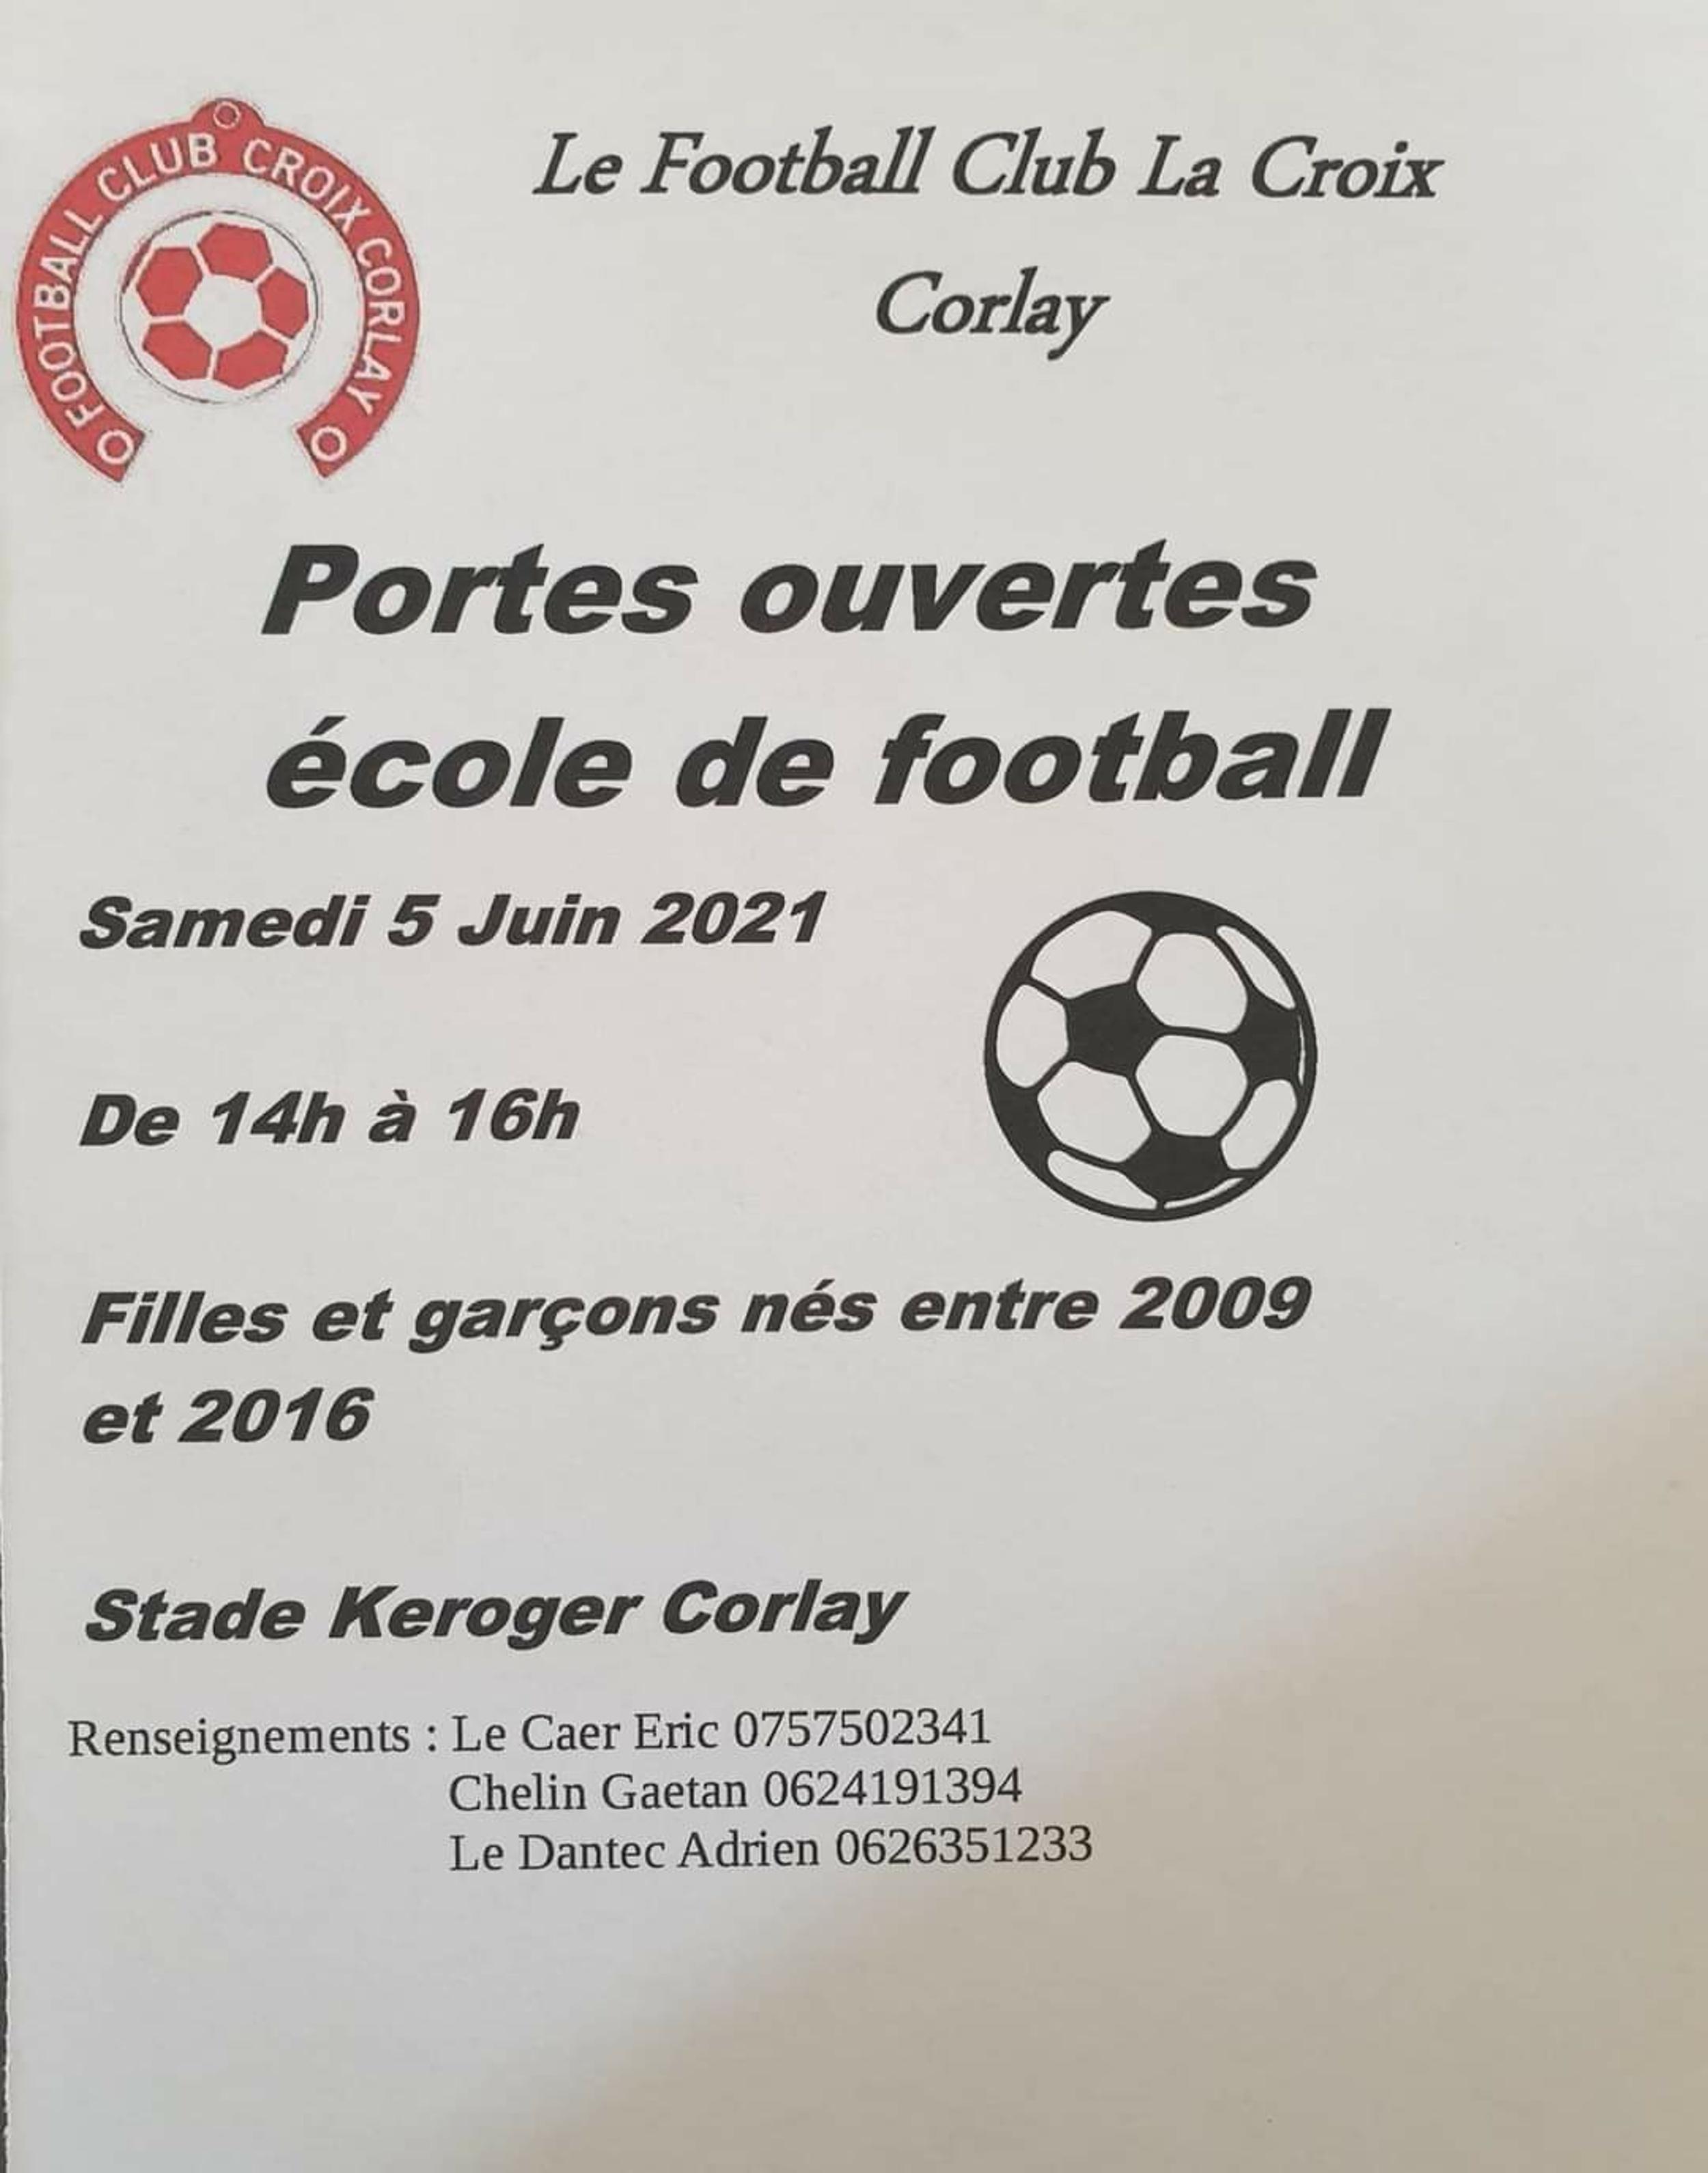 Portes ouvertes - 5 juin 2021École de foot - club La Croix - Corlay